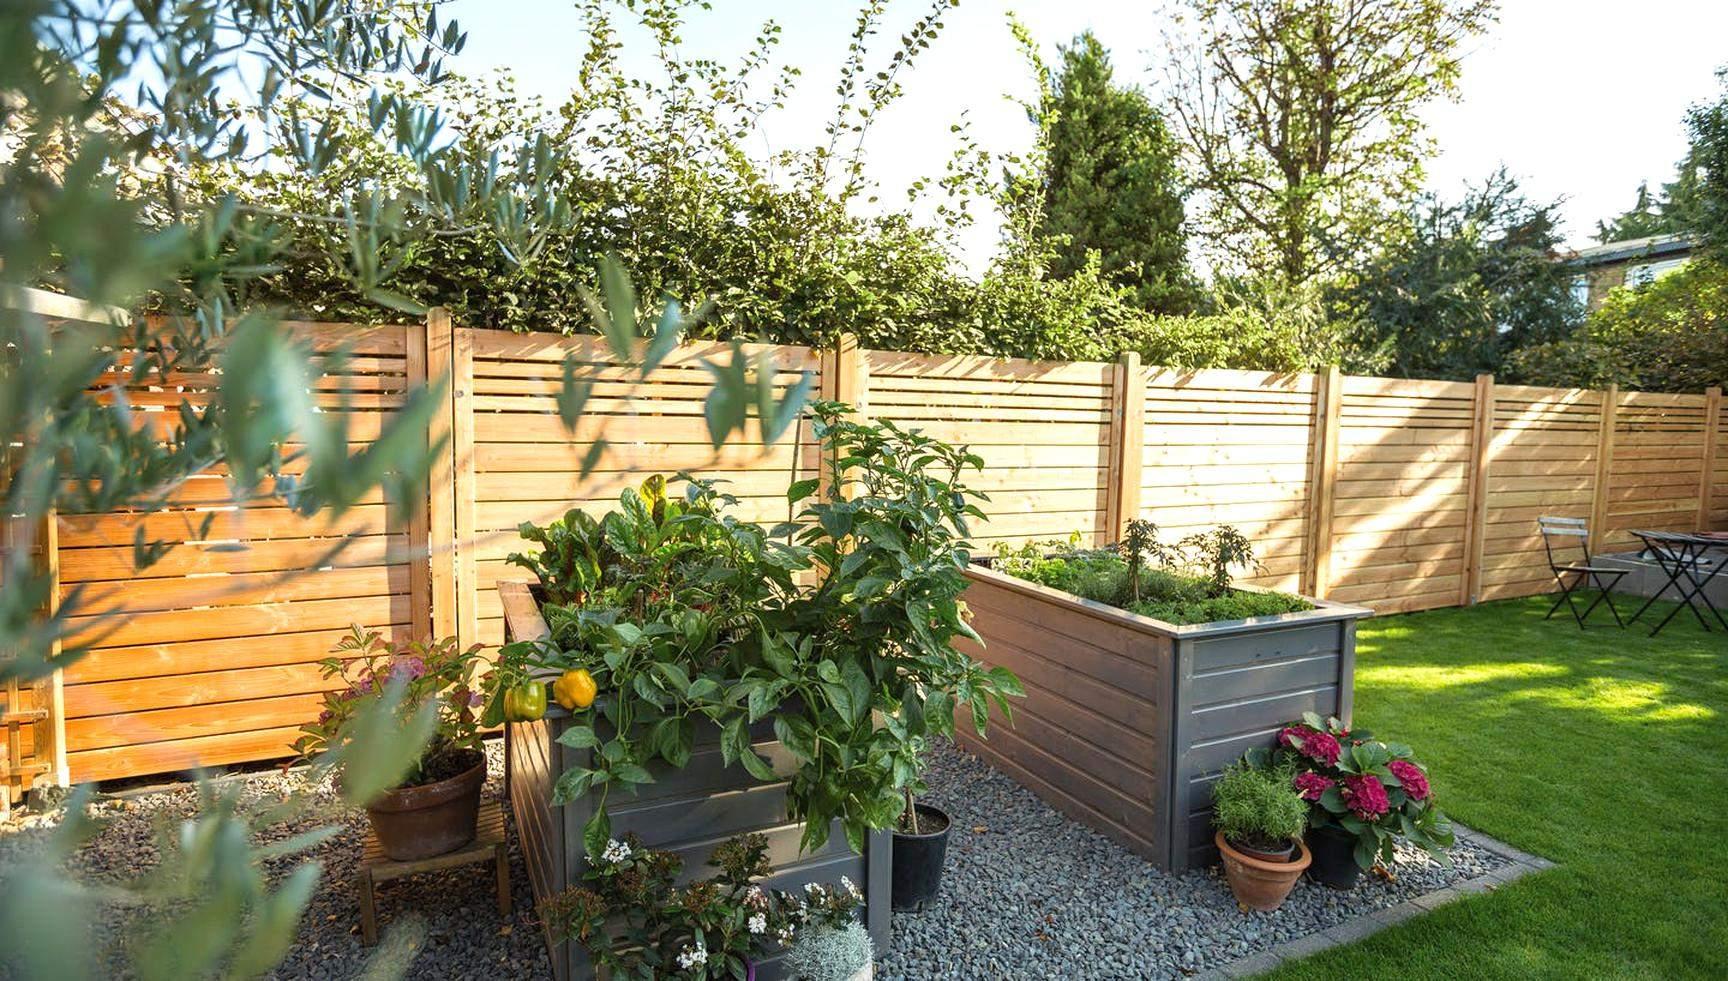 Garten Sichtschutz Elegant Sichtschutz Garten Gebraucht Kaufen Nur 4 St Bis 70